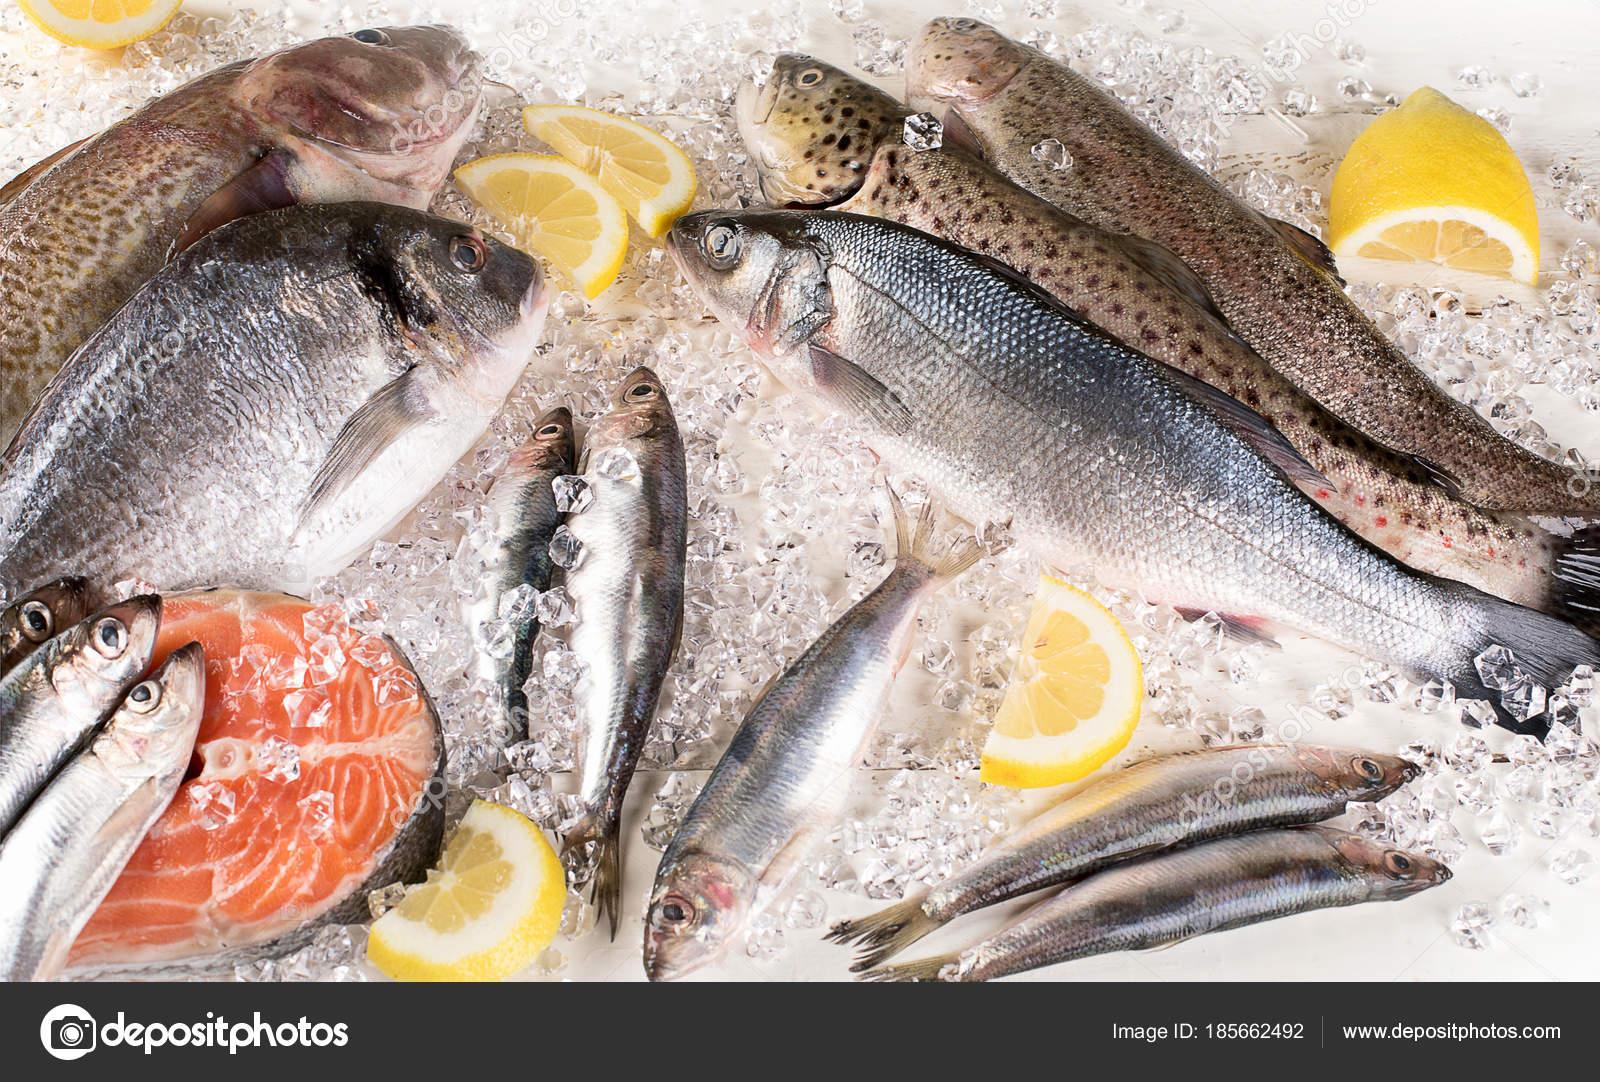 348713153a0a60 Свіжа риба, морепродукти і лимона скибочками на льоду. Здорове харчування.  Вид зверху — Фото від bit245